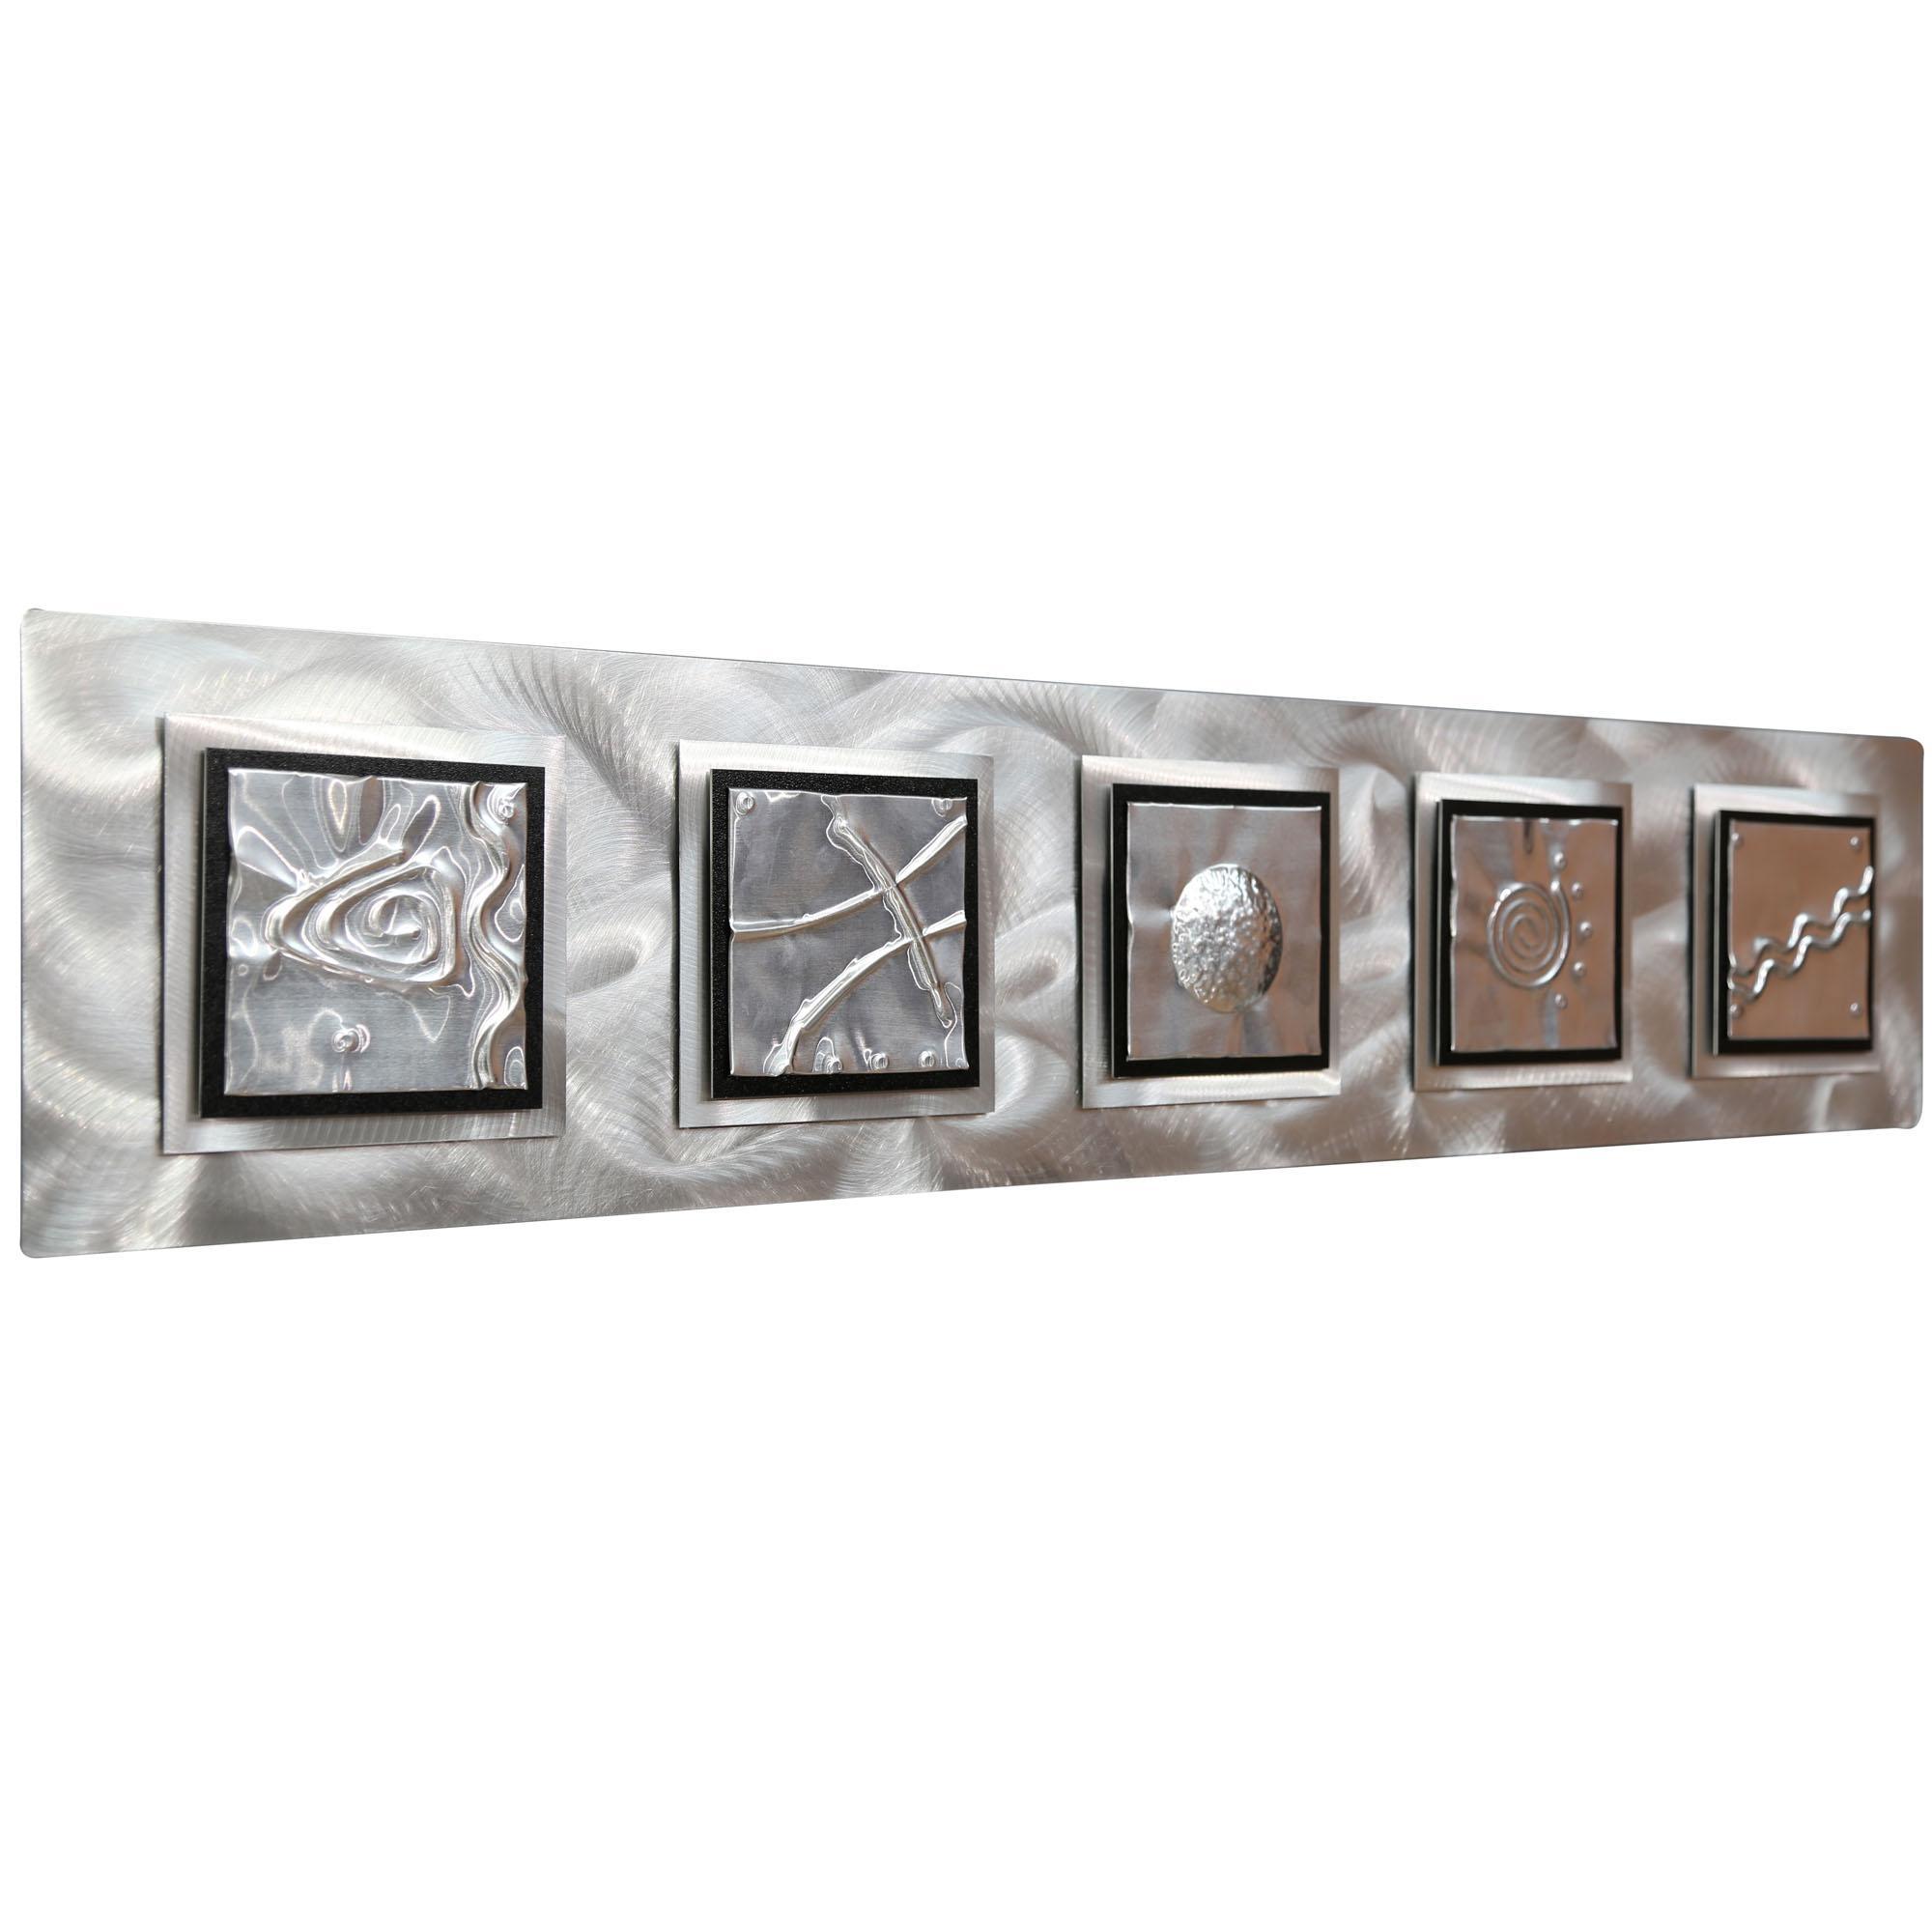 5 Elements – Silver/black Zen Metal Wall Art Accentjon Allen Within Elements Wall Art (Image 1 of 20)